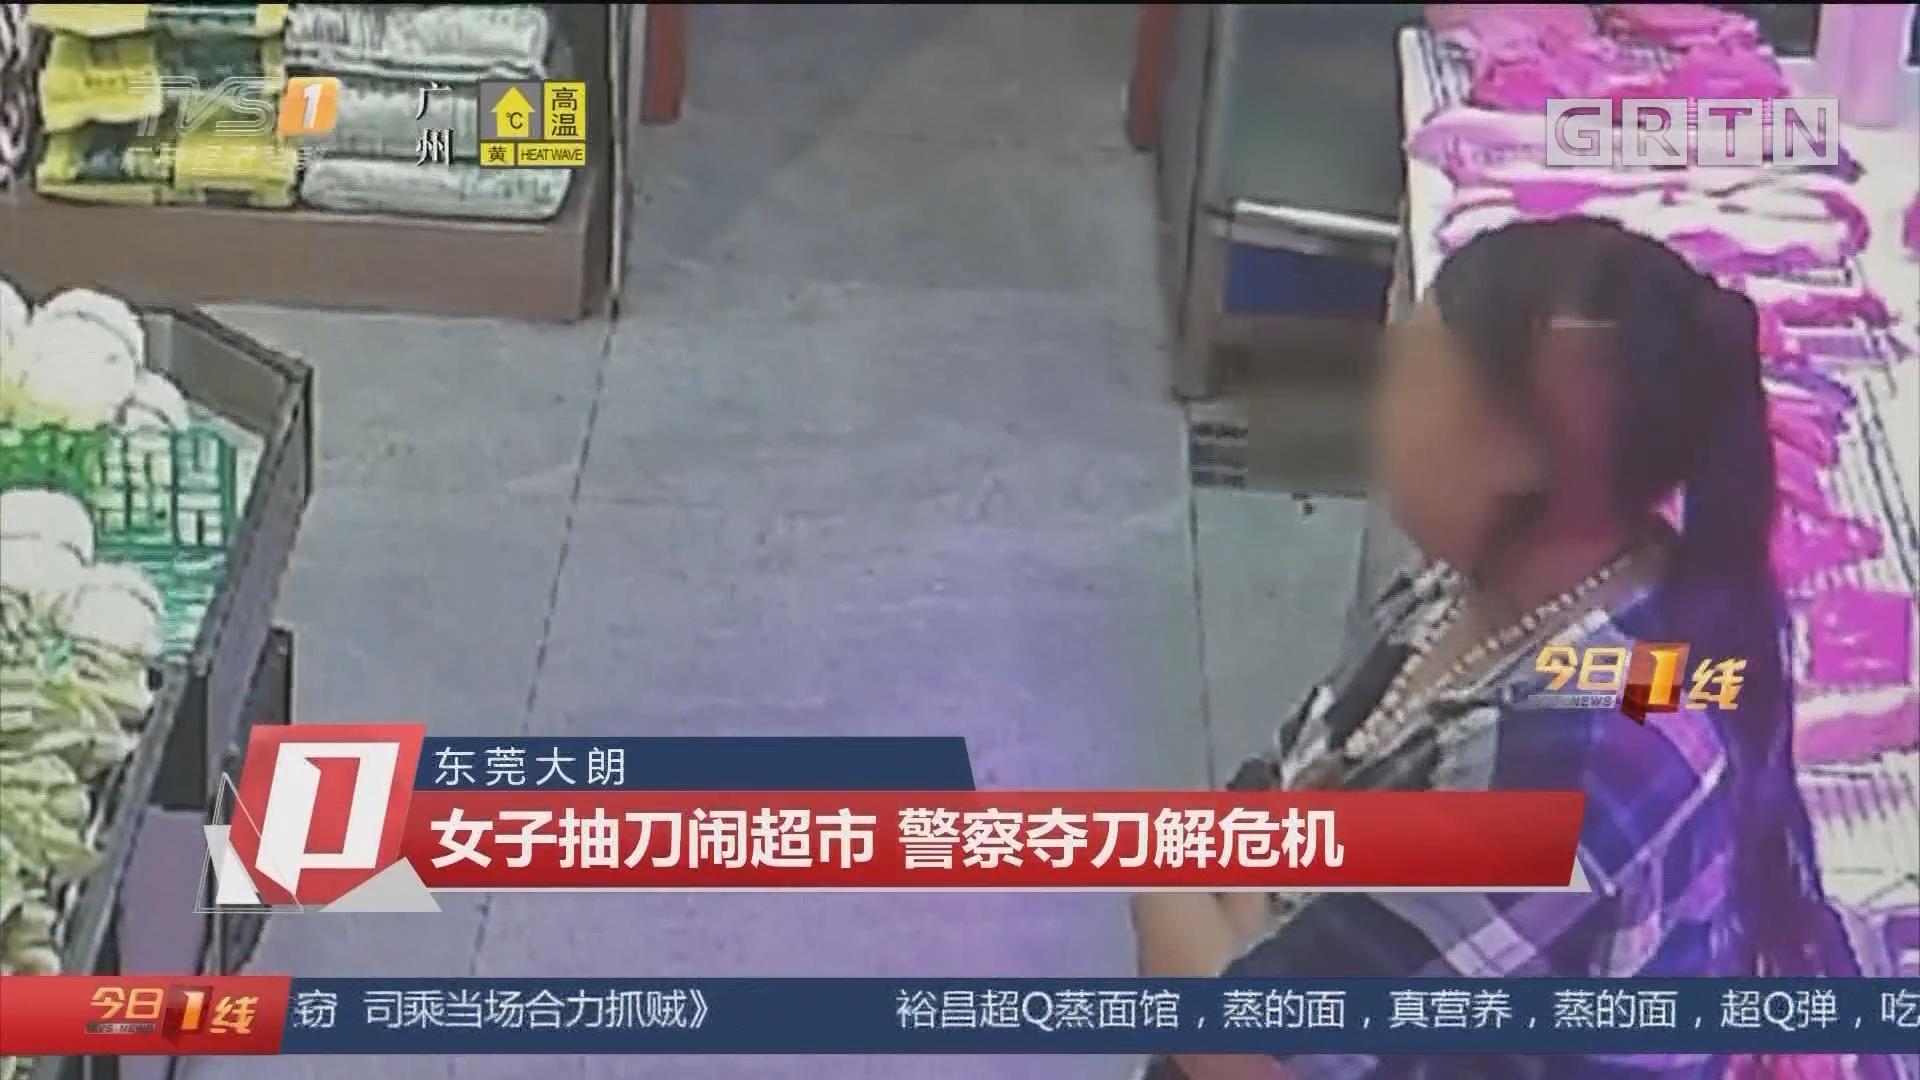 東莞大朗:女子抽刀鬧超市 警察奪刀解危機